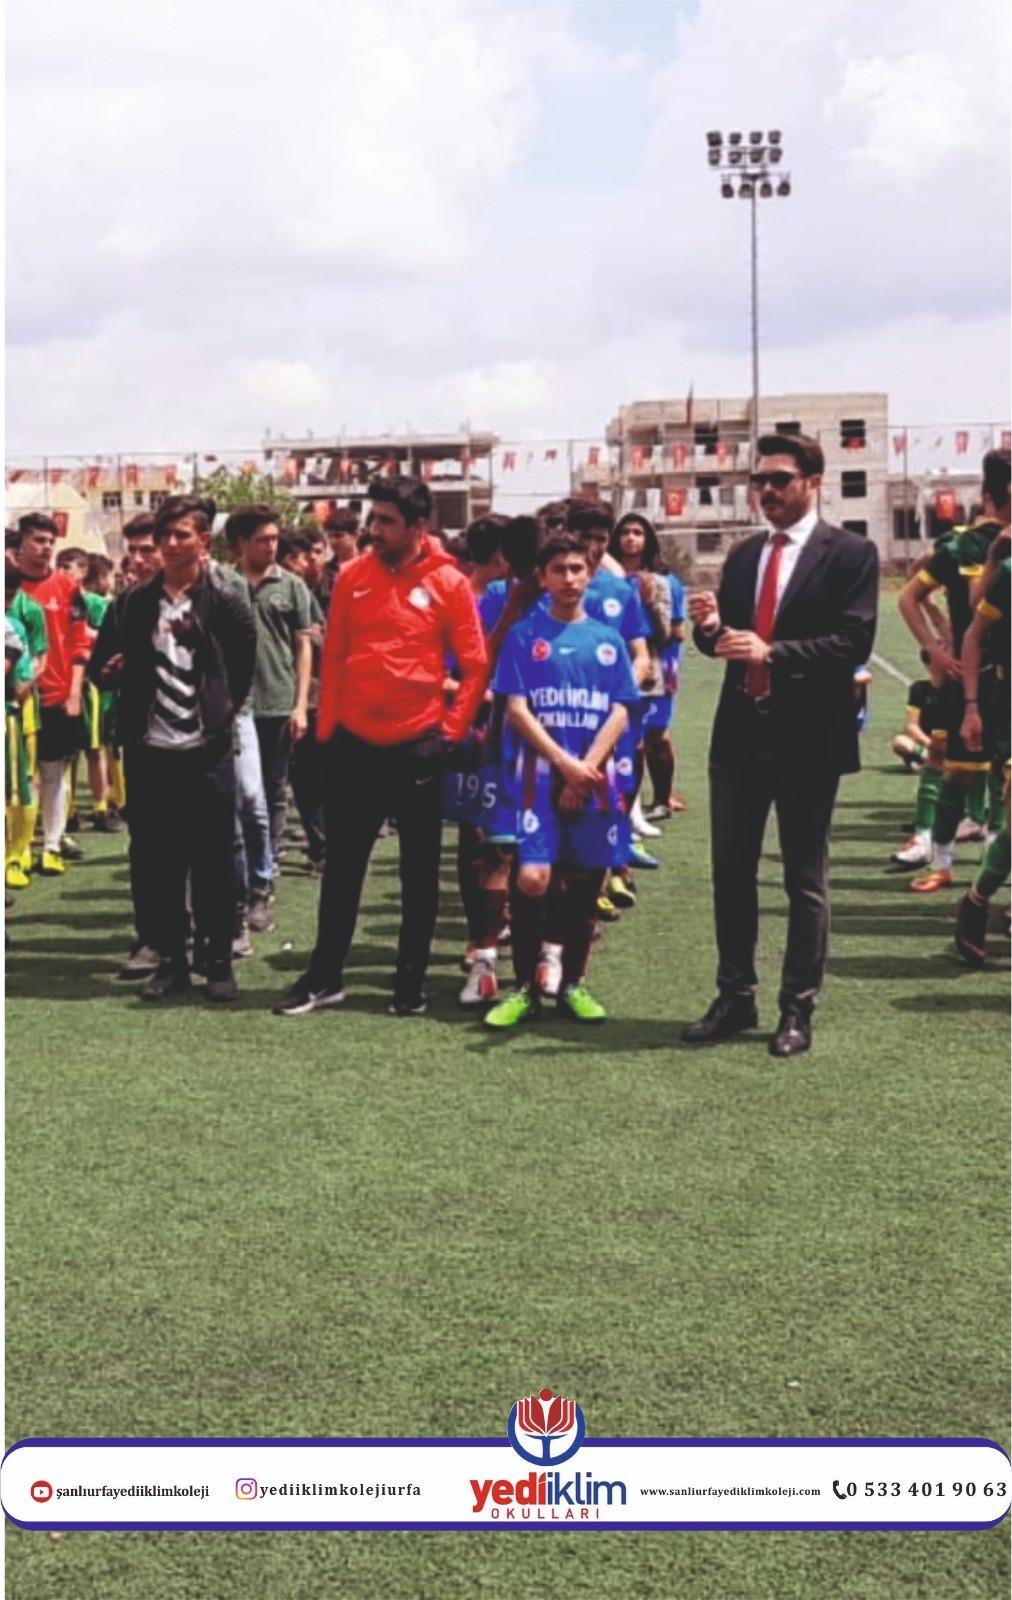 Belediyemizin Düzenlediği Liseler Arası Futbol Turnuvasında İl İkincisi Olarak Büyük Bir Başarıya İmza Attık...